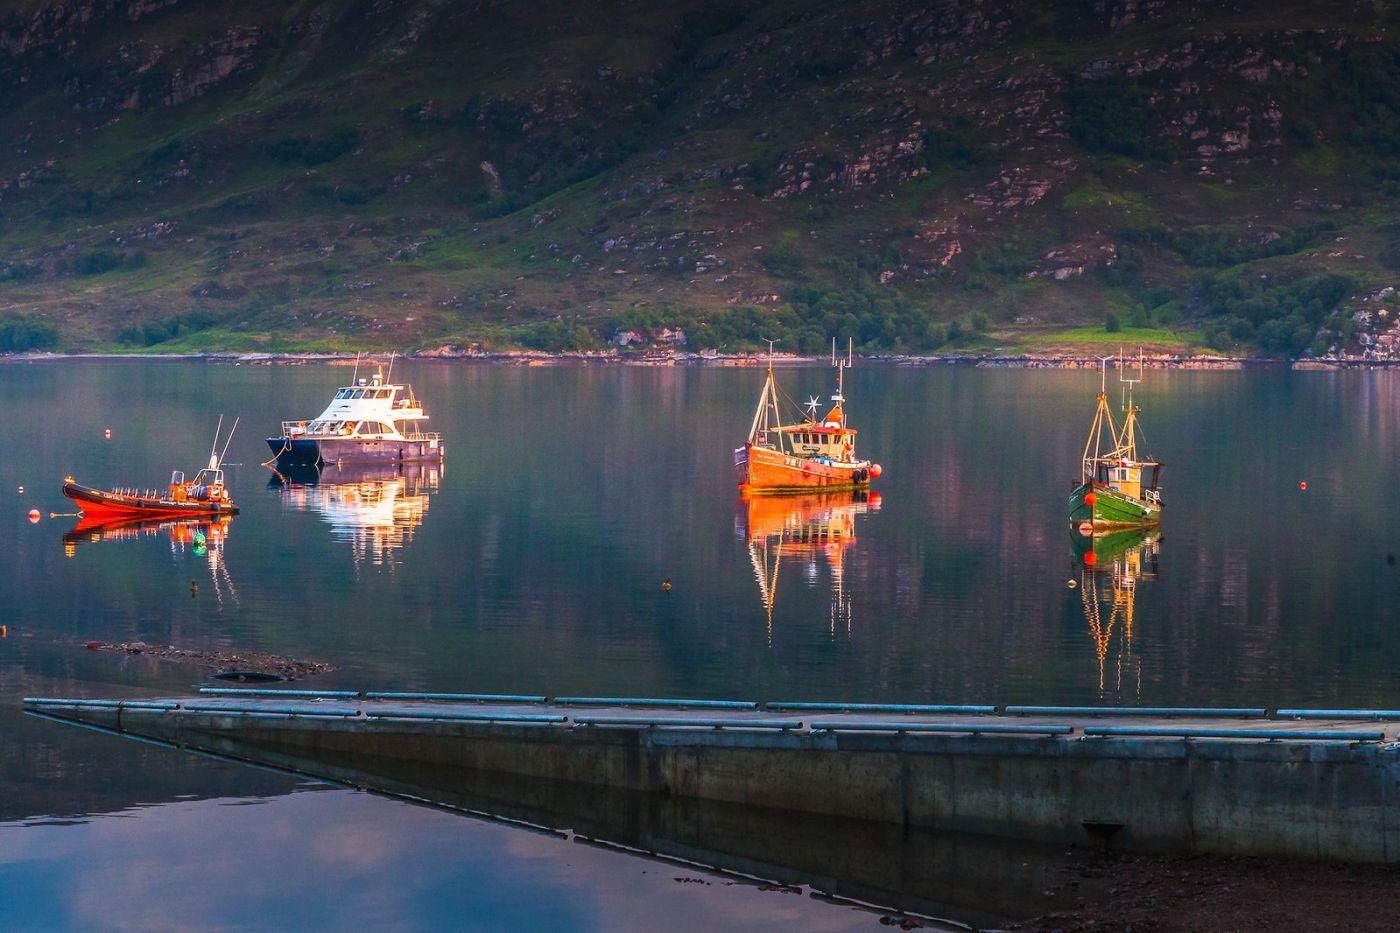 苏格兰阿勒浦(Ullapool),如镜的湖面_图1-12